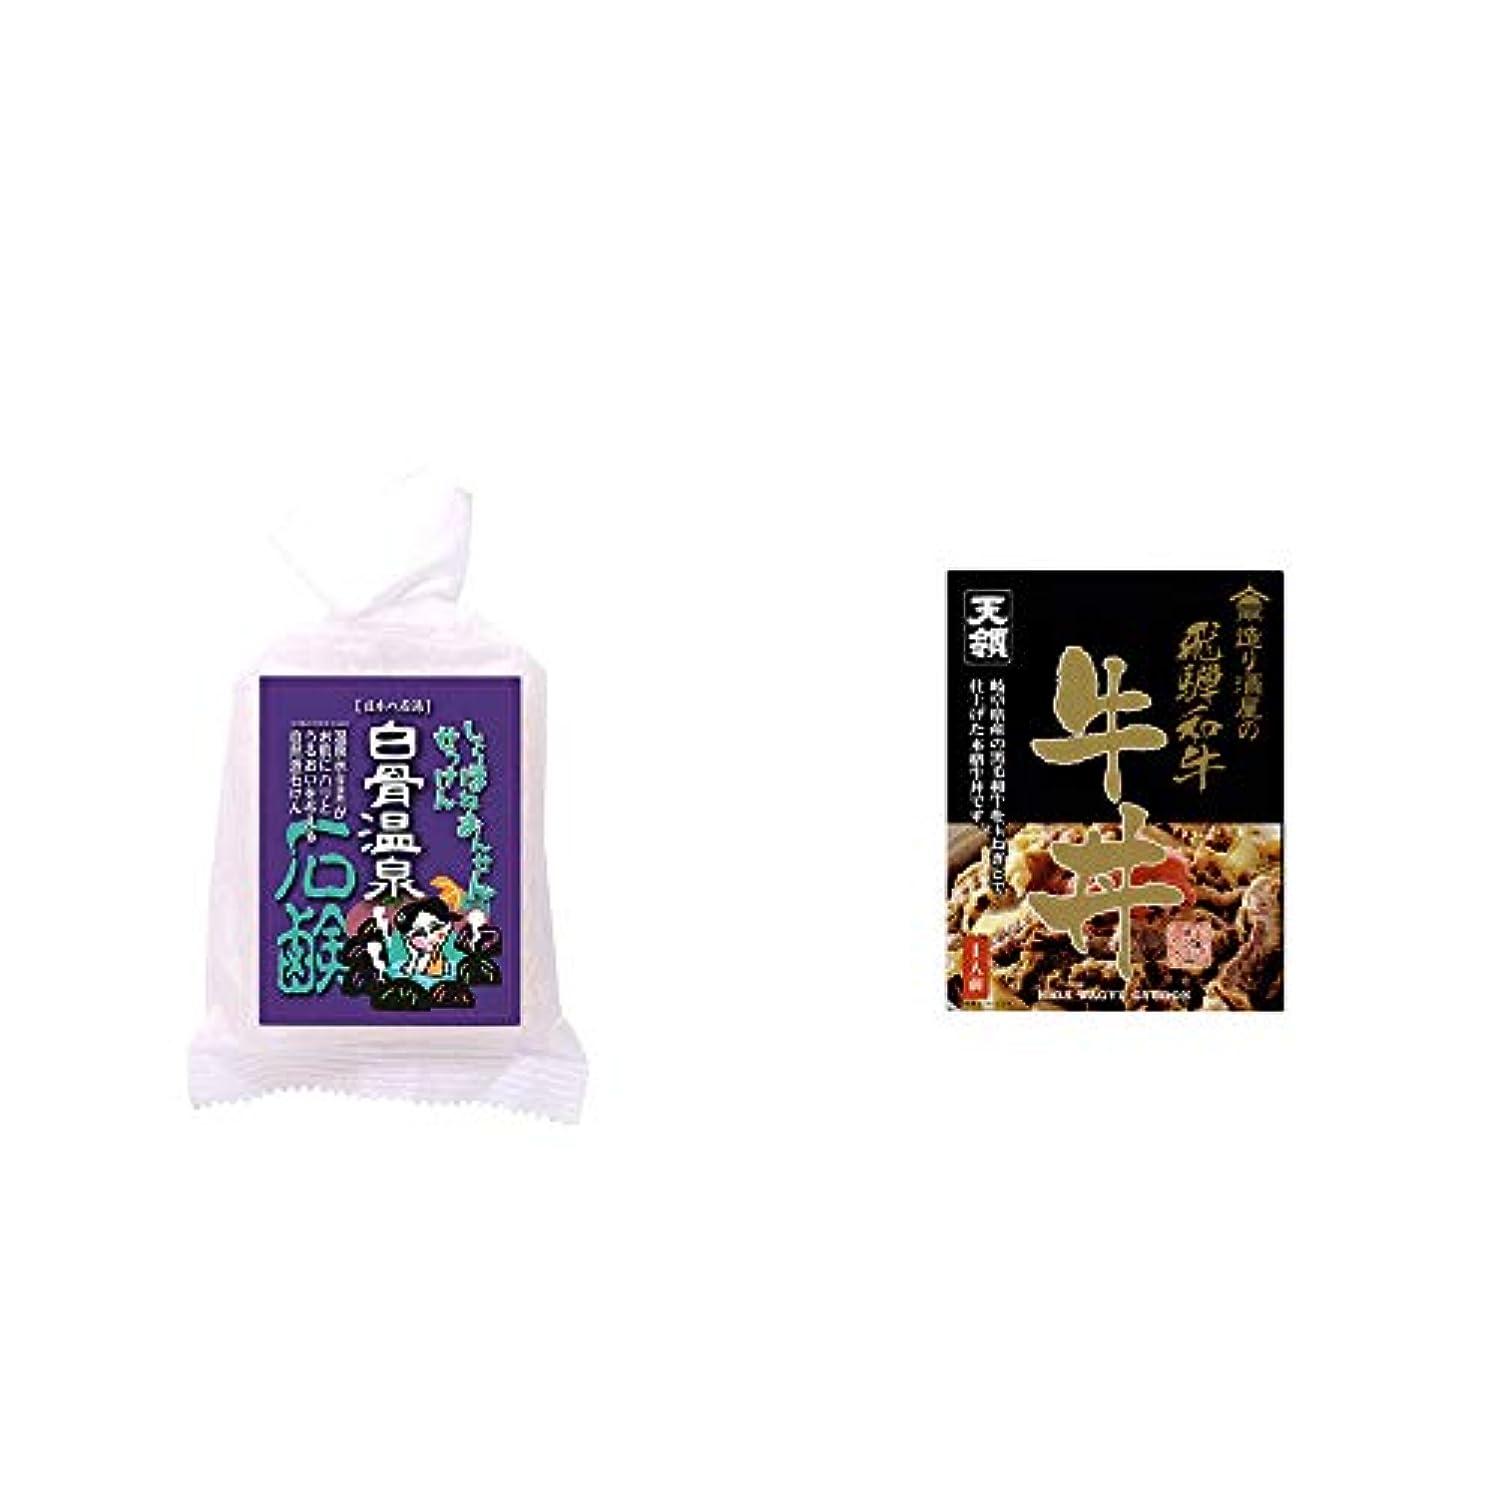 空港タッチ物質[2点セット] 信州 白骨温泉石鹸(80g)?天領酒造 造り酒屋の飛騨和牛 牛丼(1人前)